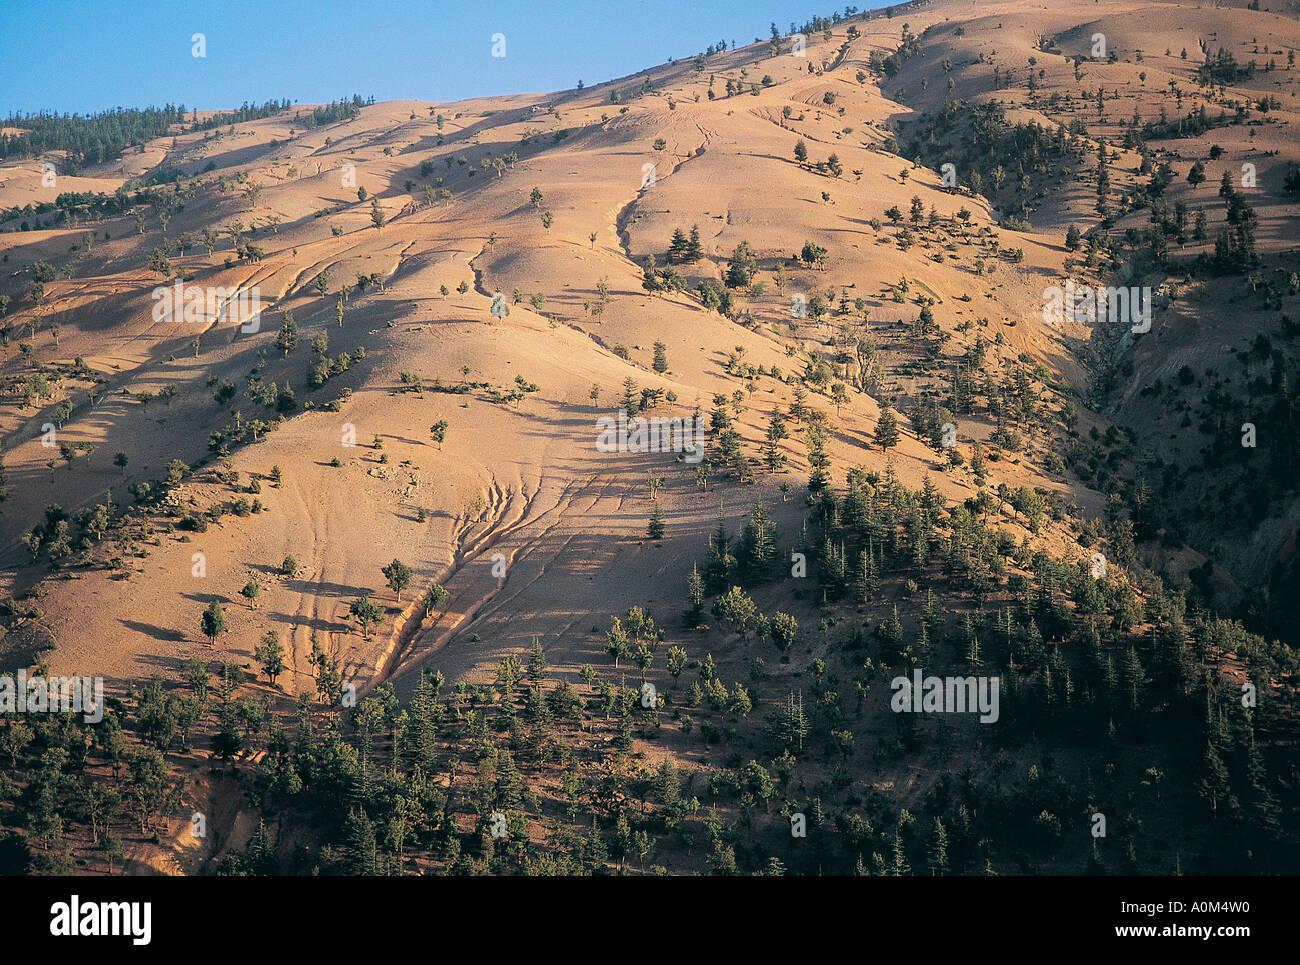 La deforestazione e la conseguente erosione, Adana Turchia Immagini Stock